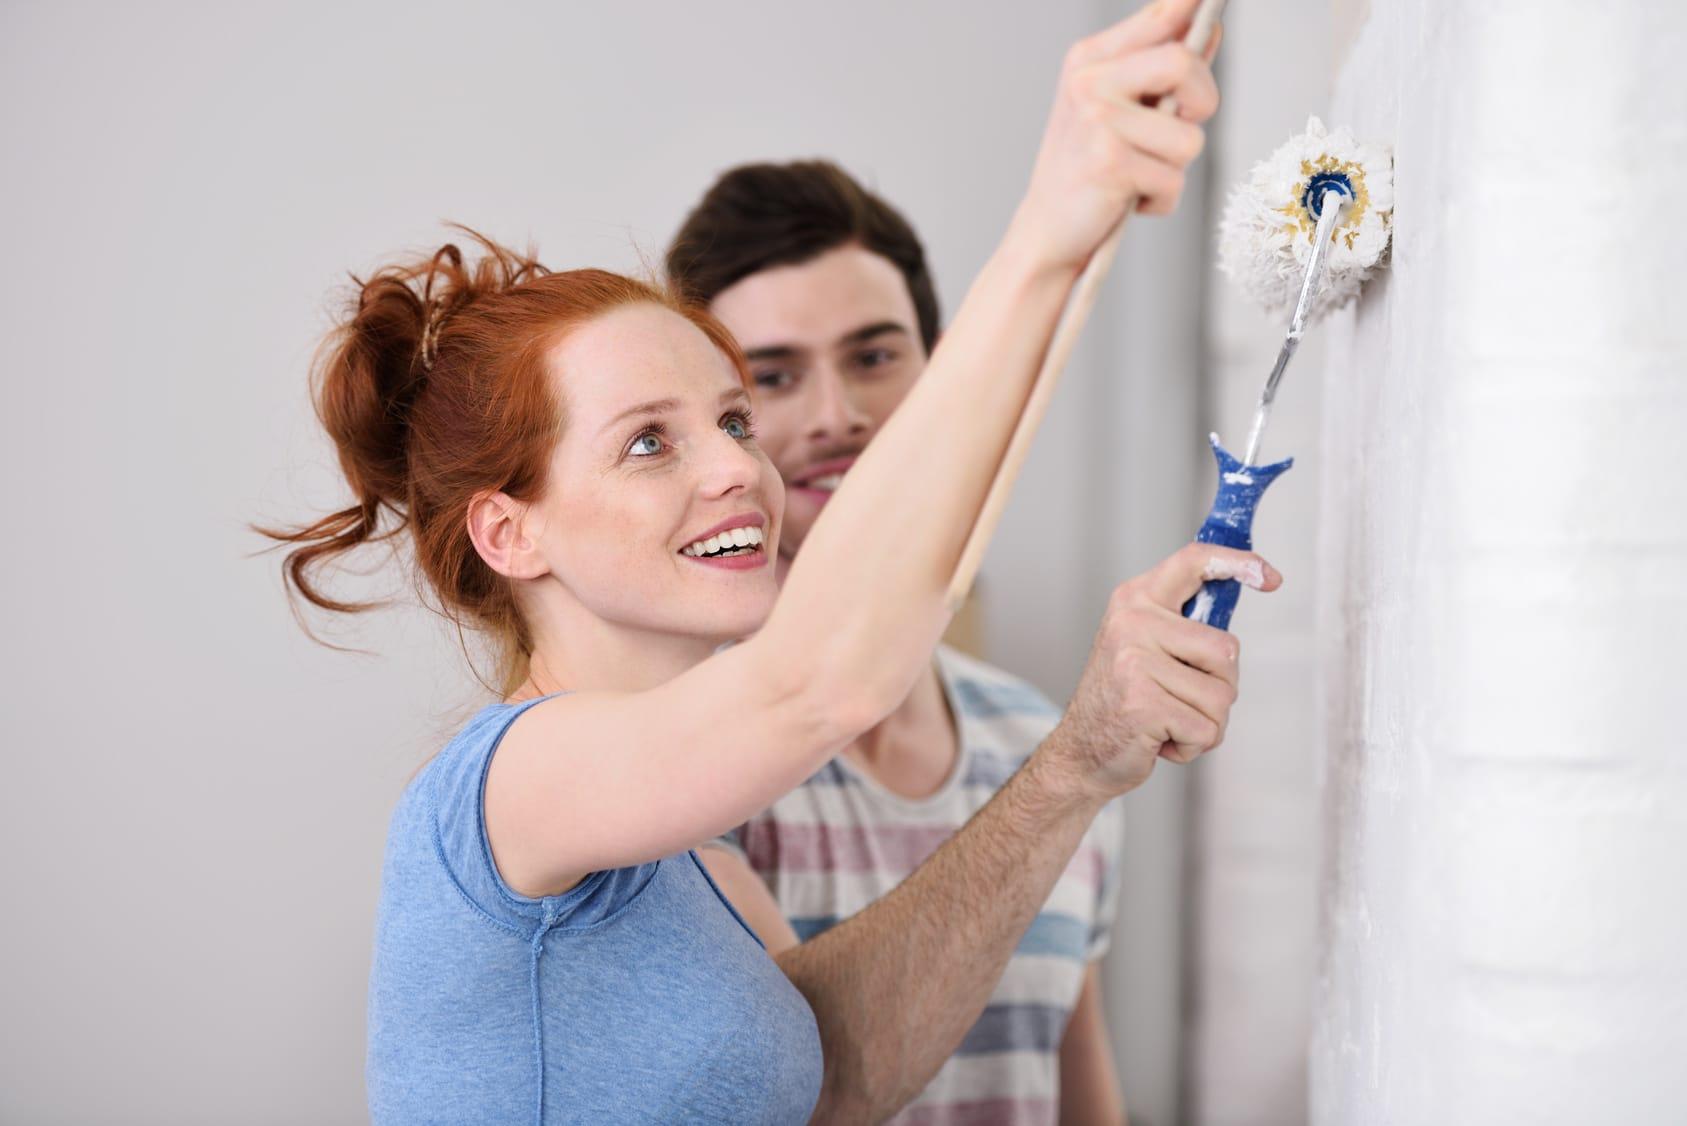 Hervorragend Wandfarbe entfernen - Tipps und Tricks - Haushaltstipps.net RA96